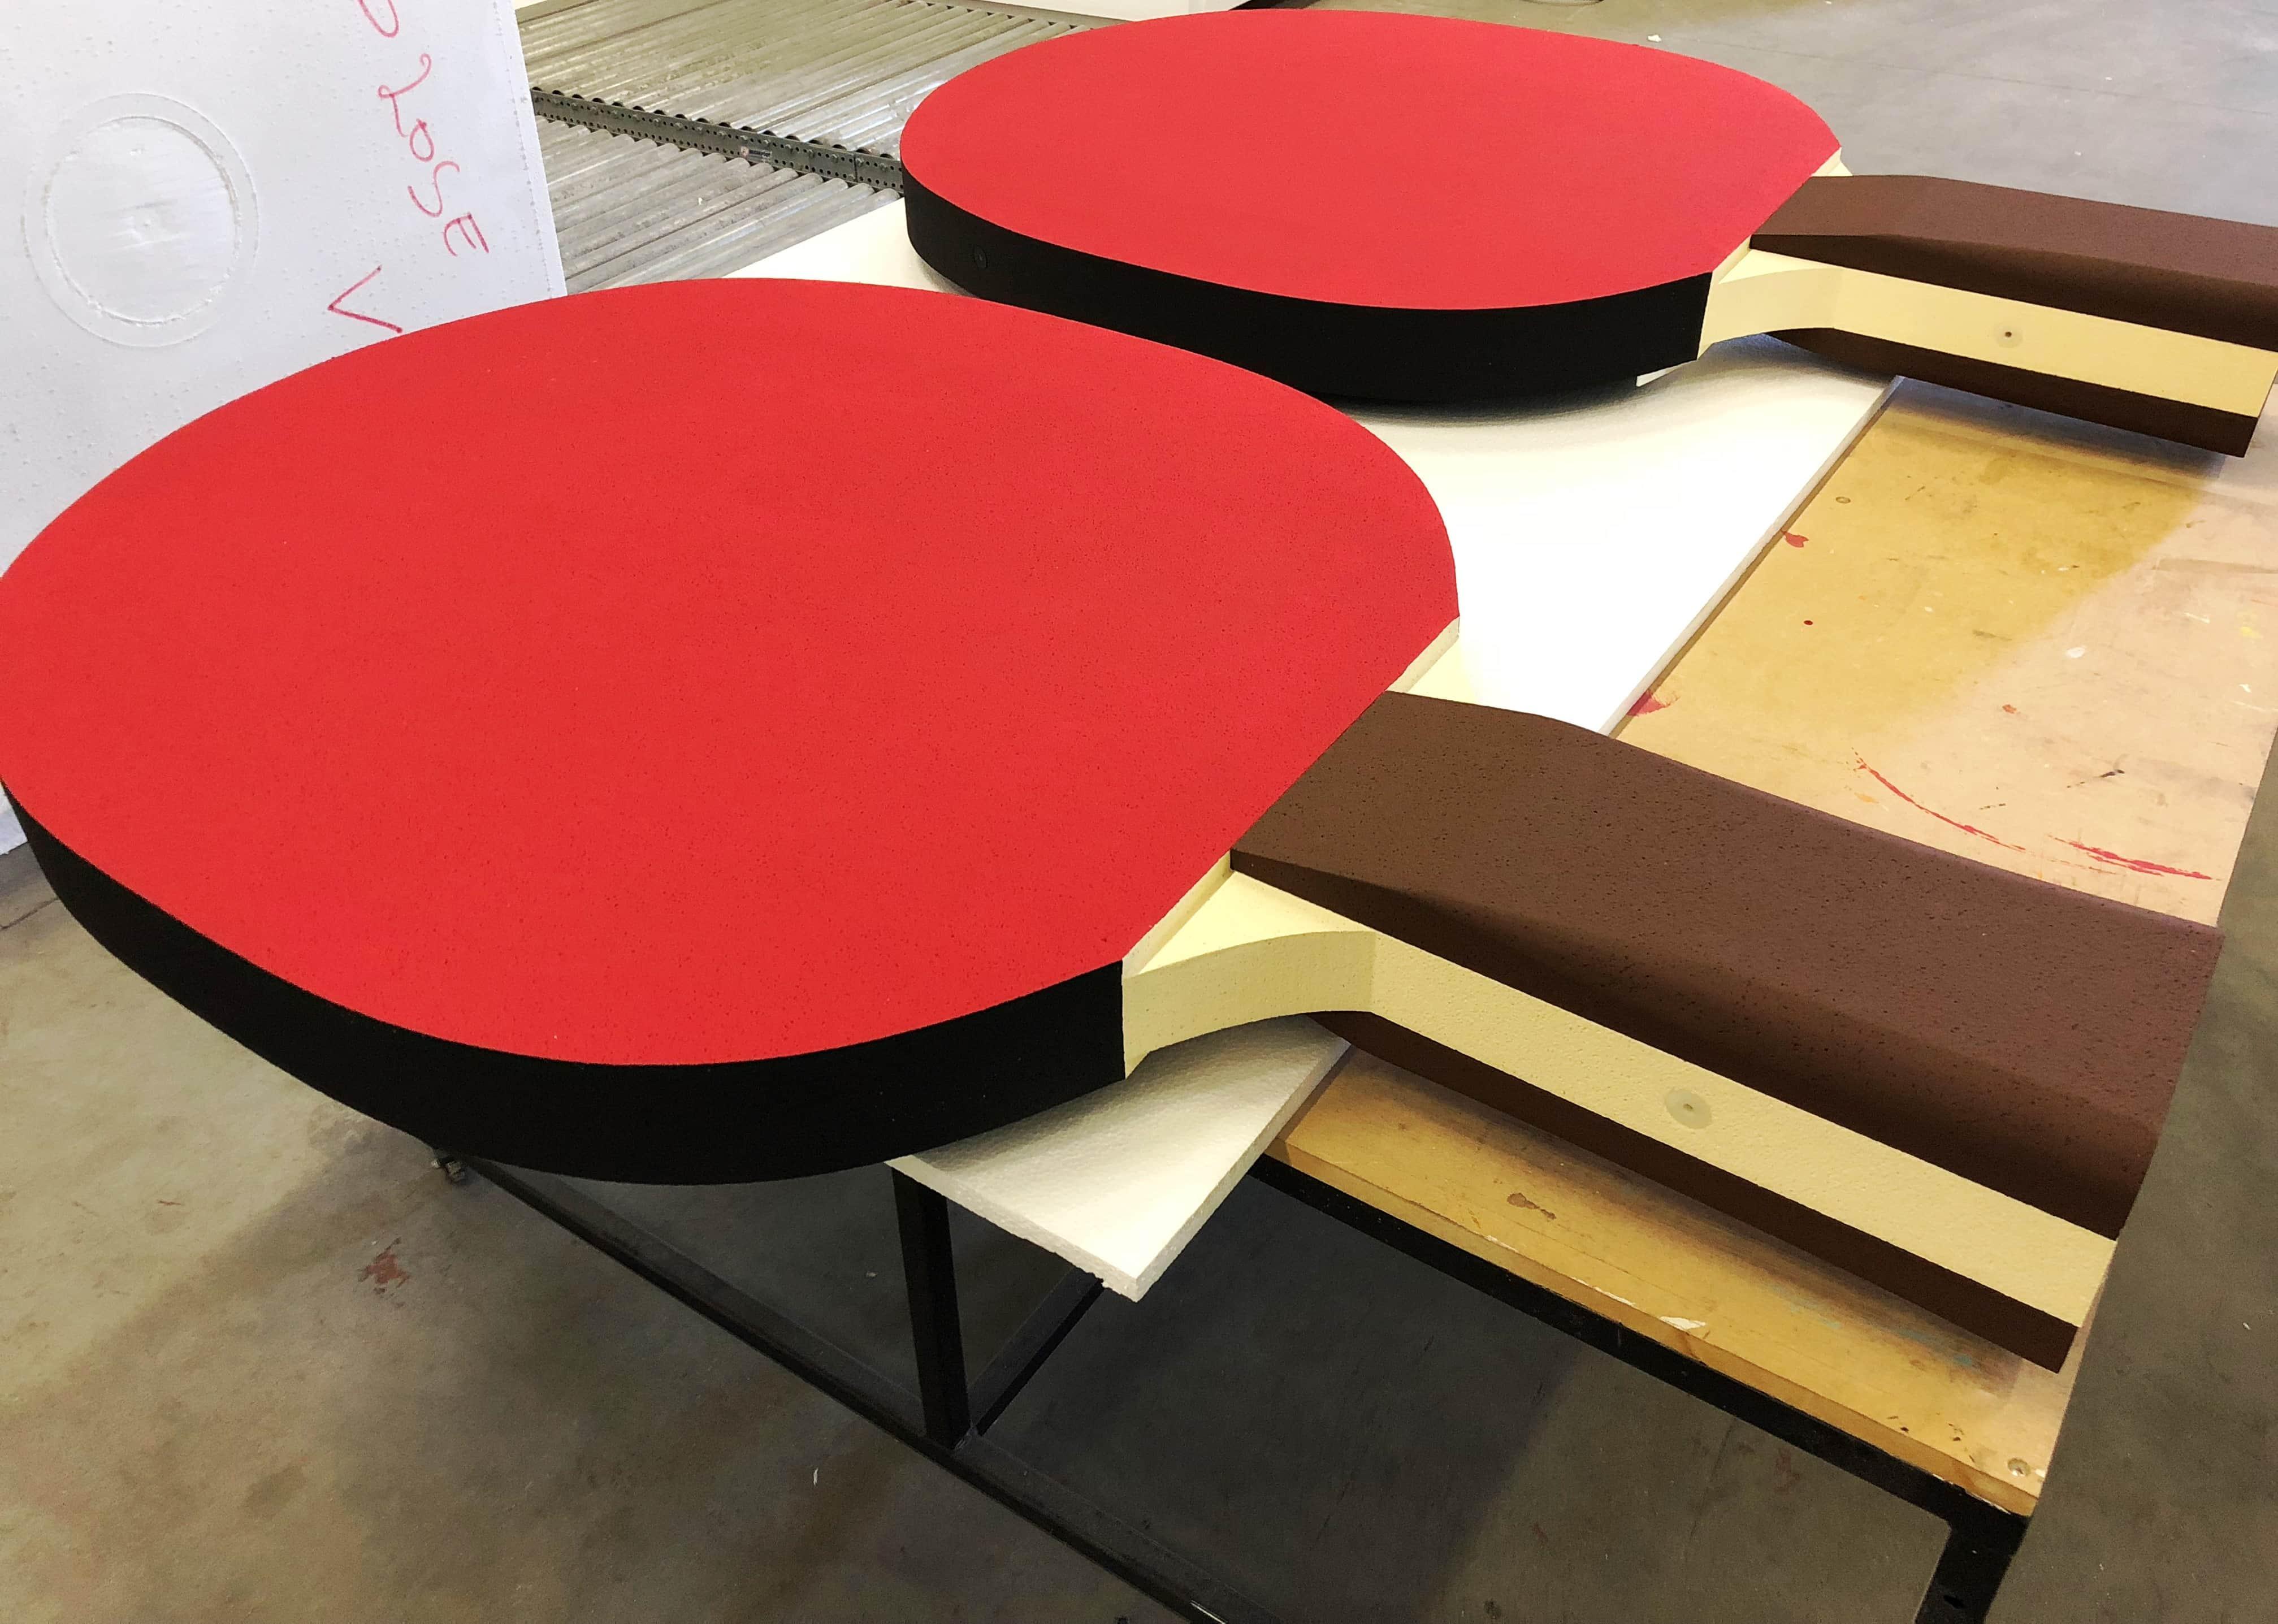 Piepschuim-ping-pong-batje-03